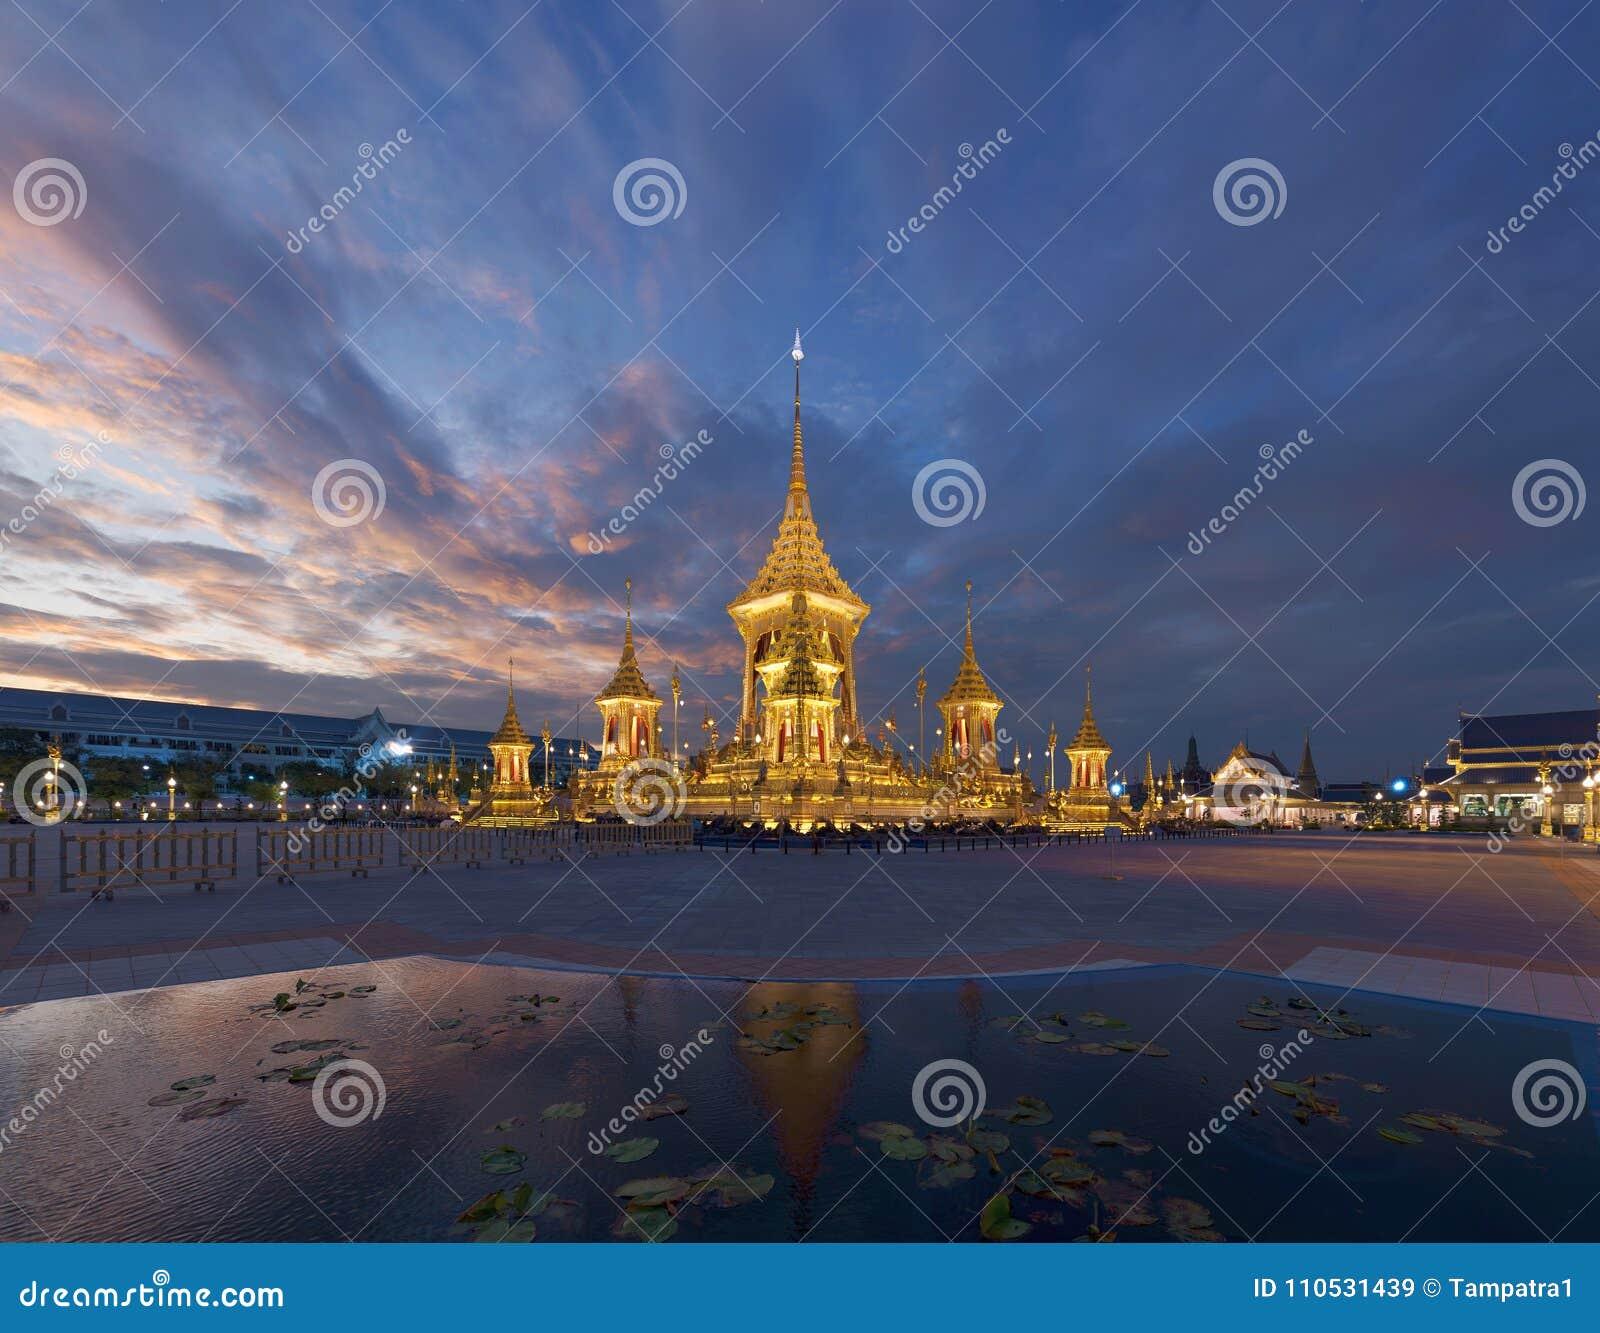 Royal Cremation Exhibition of His Majesty King Bhumibol Adulyadej, Sanam Luang, Bangkok City,Thailand